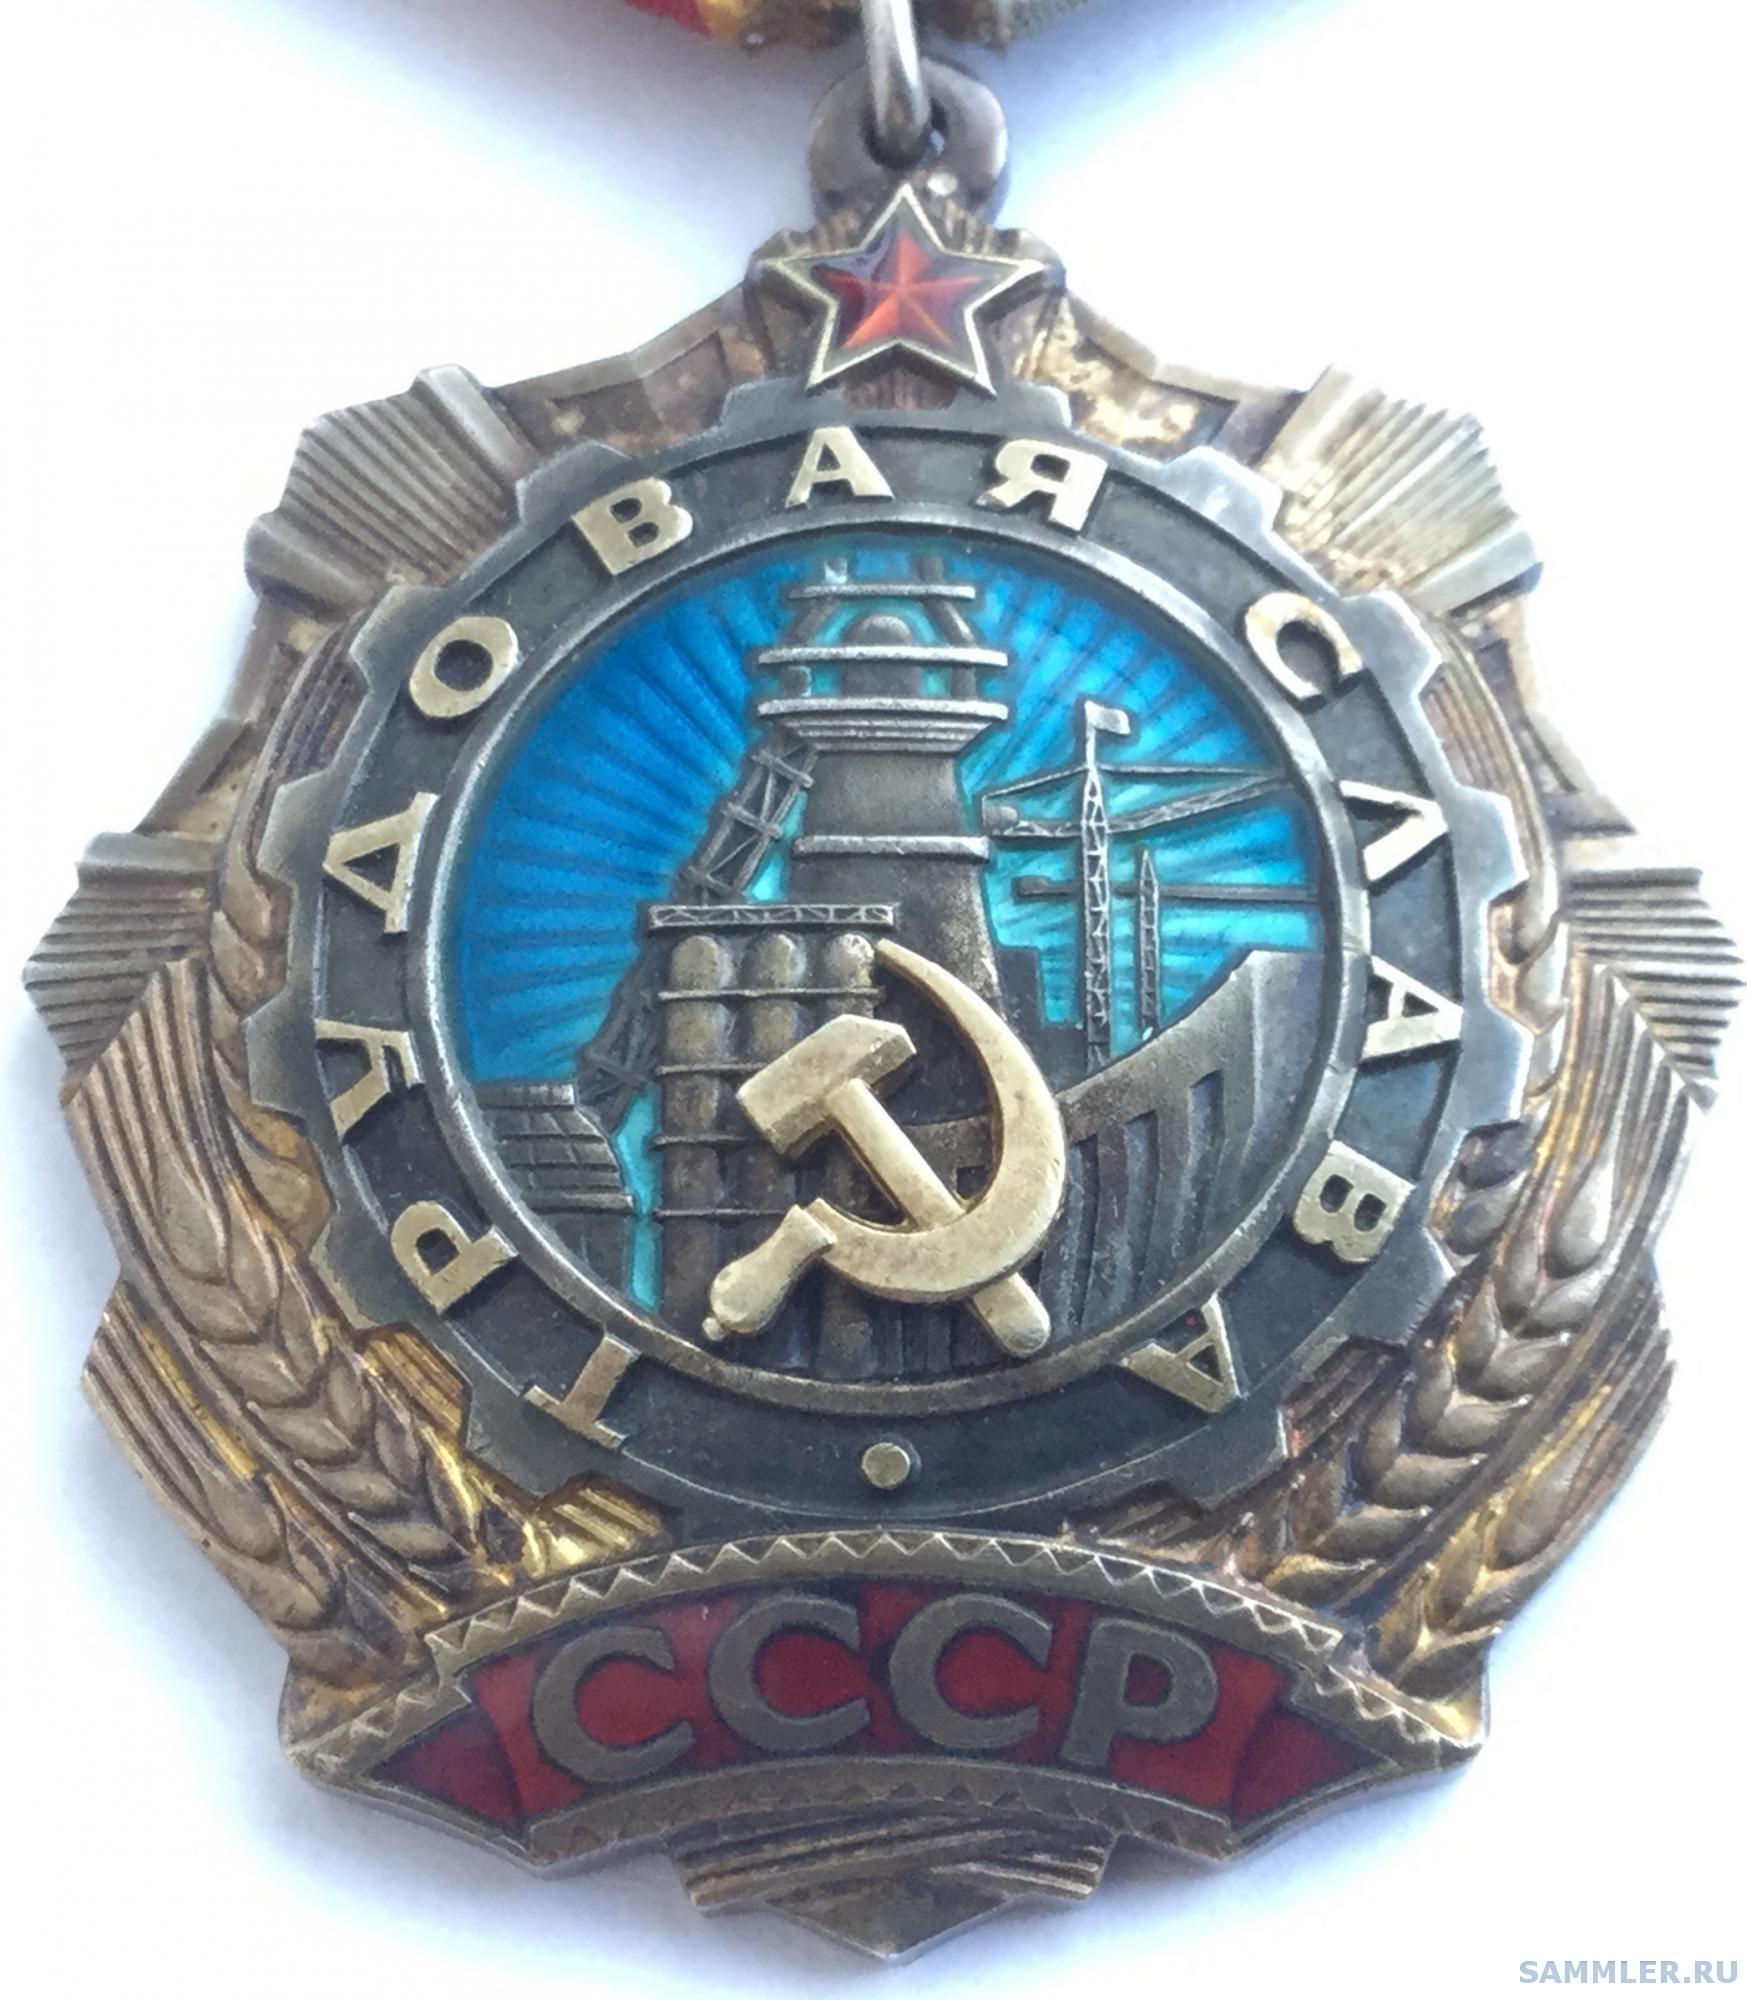 96D10ABB-CD47-41FE-B837-1F053205920B.jpeg